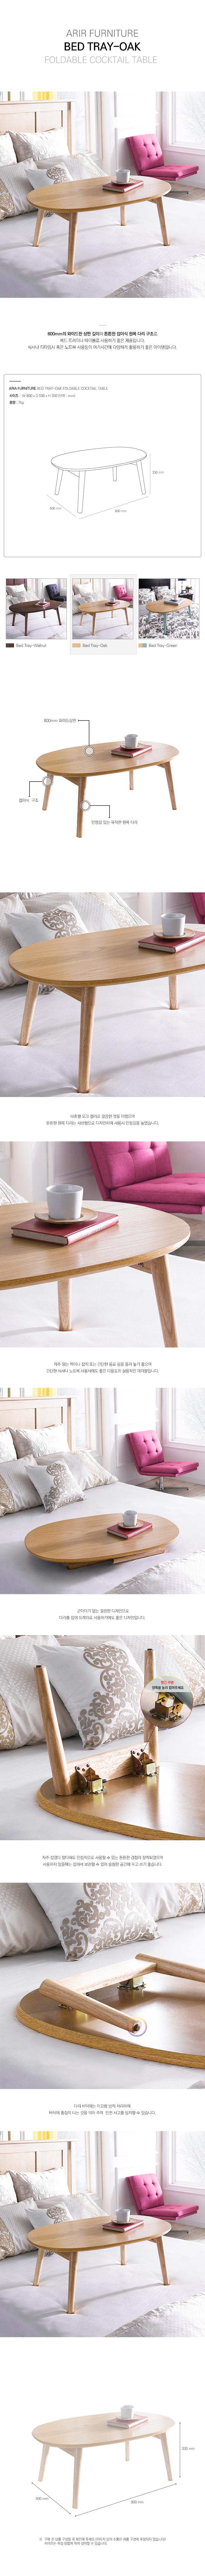 Bed-Tray-Oak_add.jpg